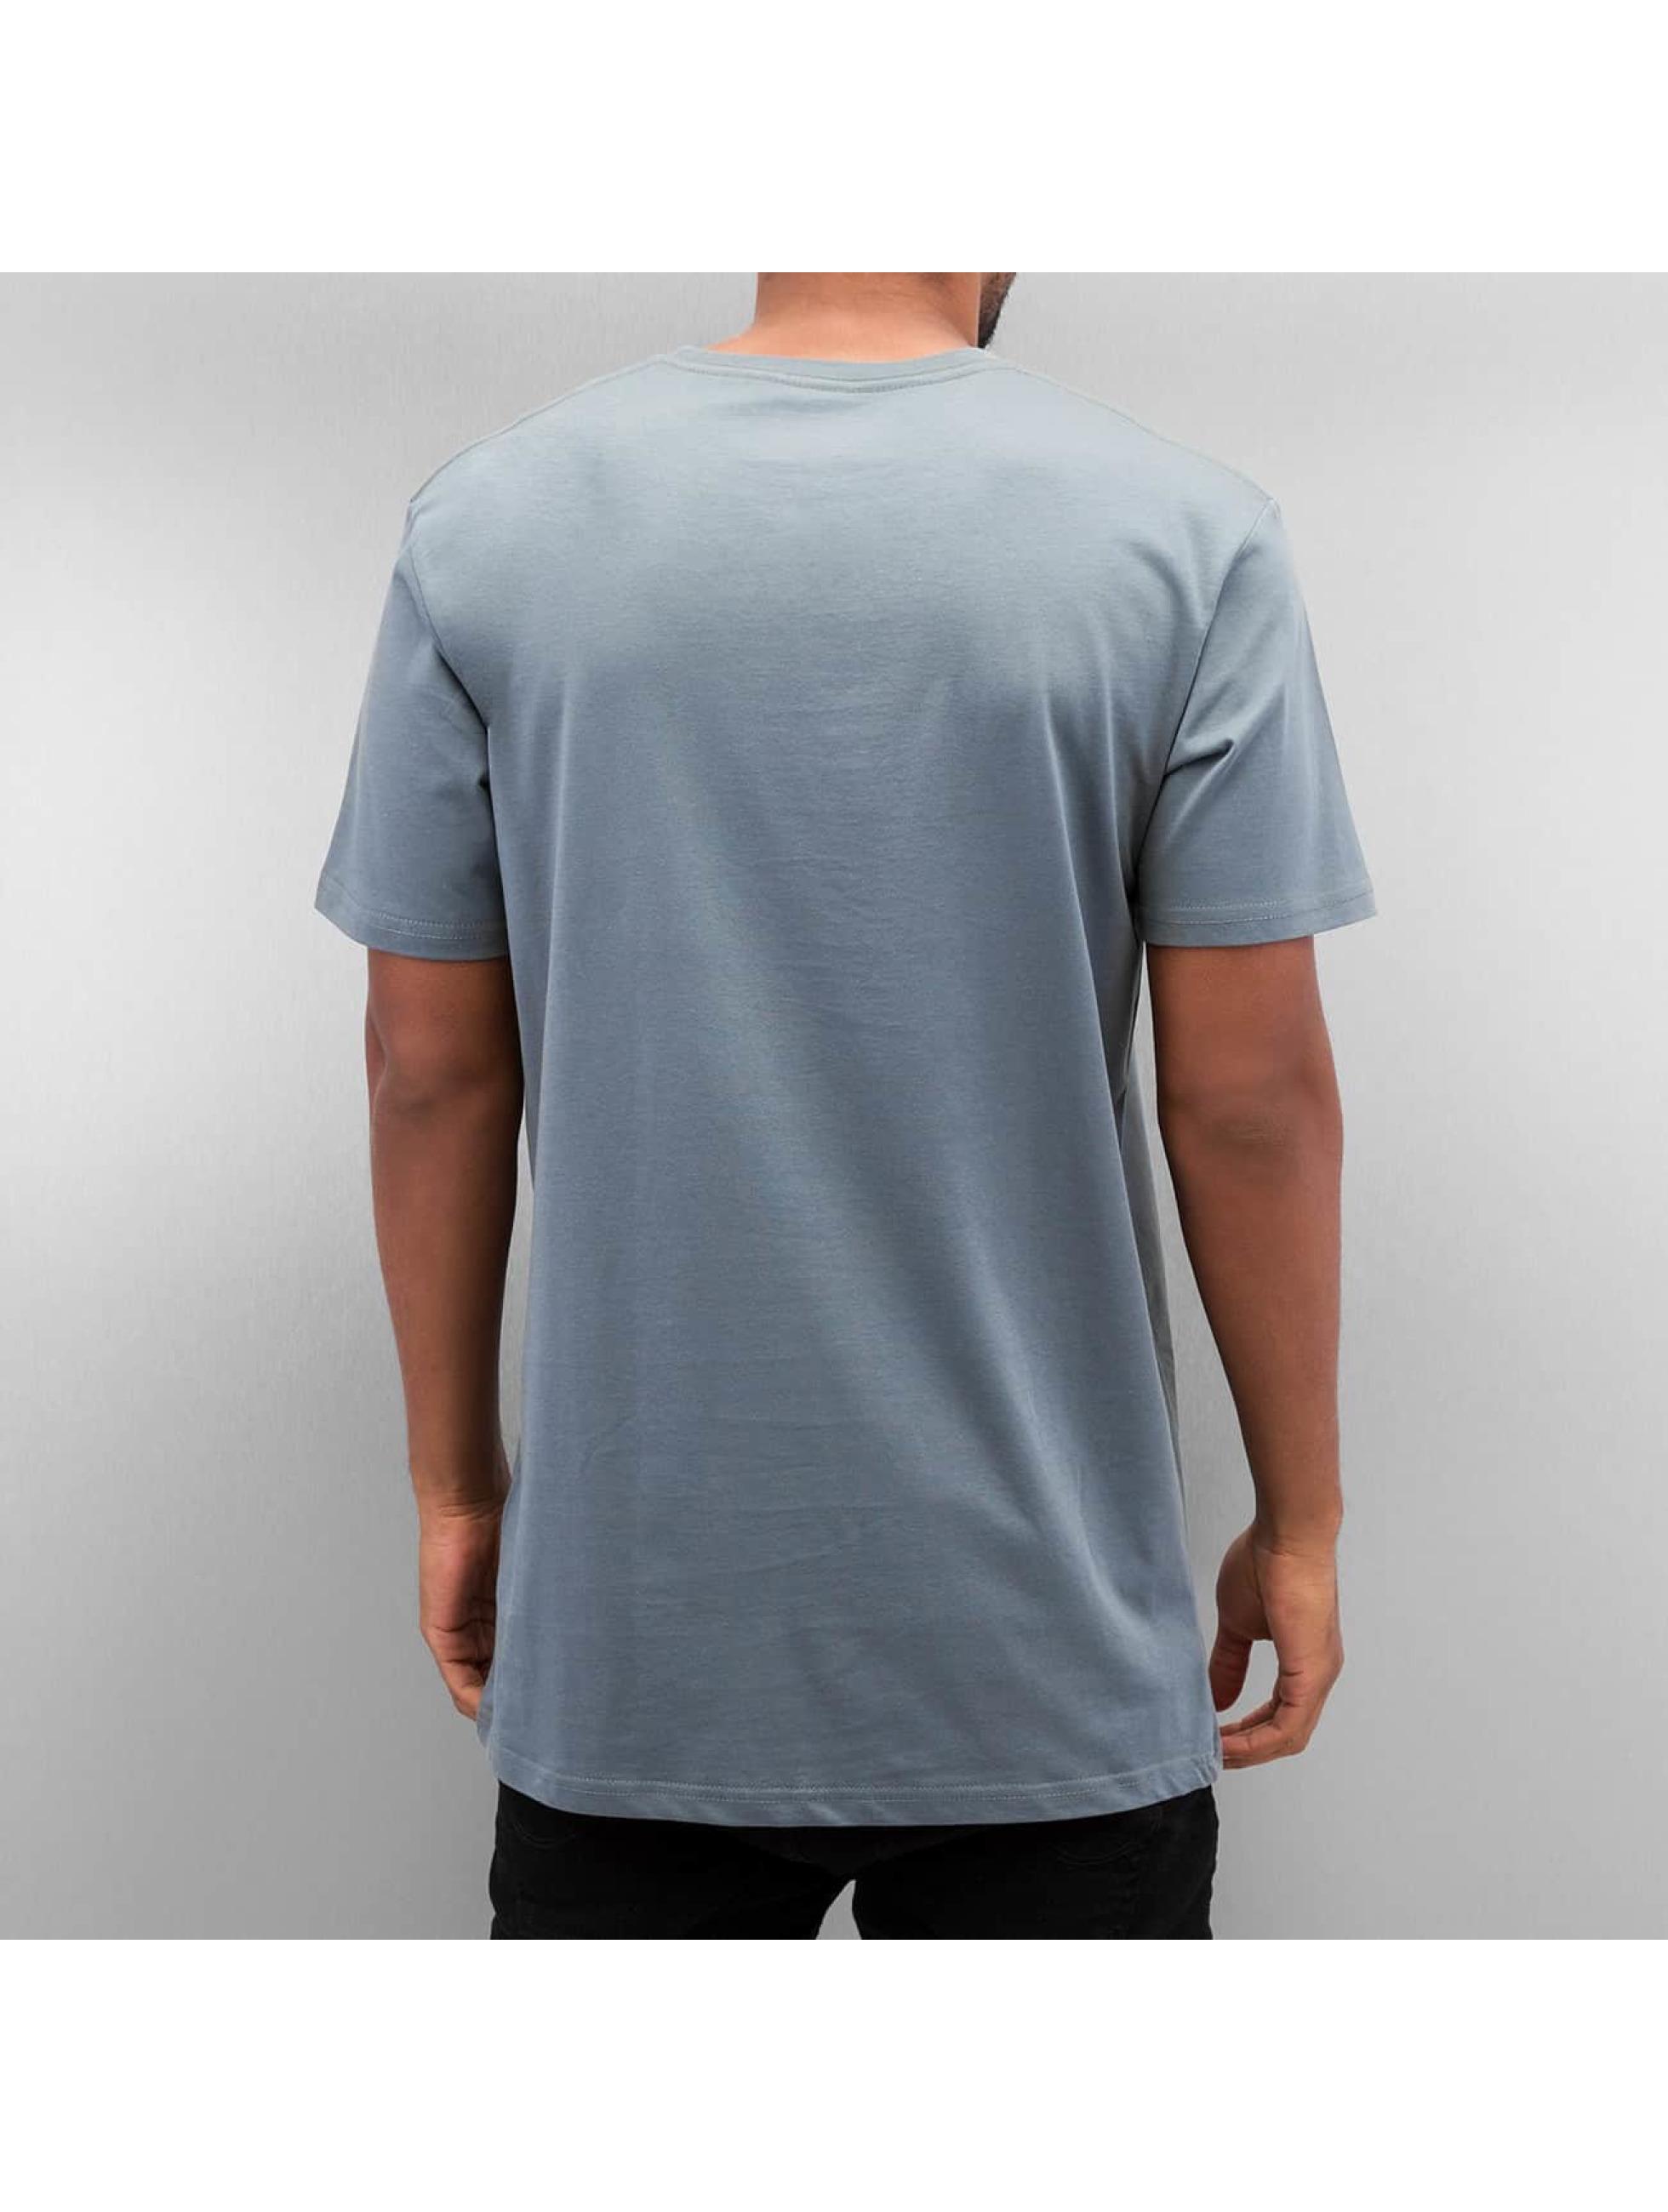 Quiksilver T-Shirt Sintra Beach bleu